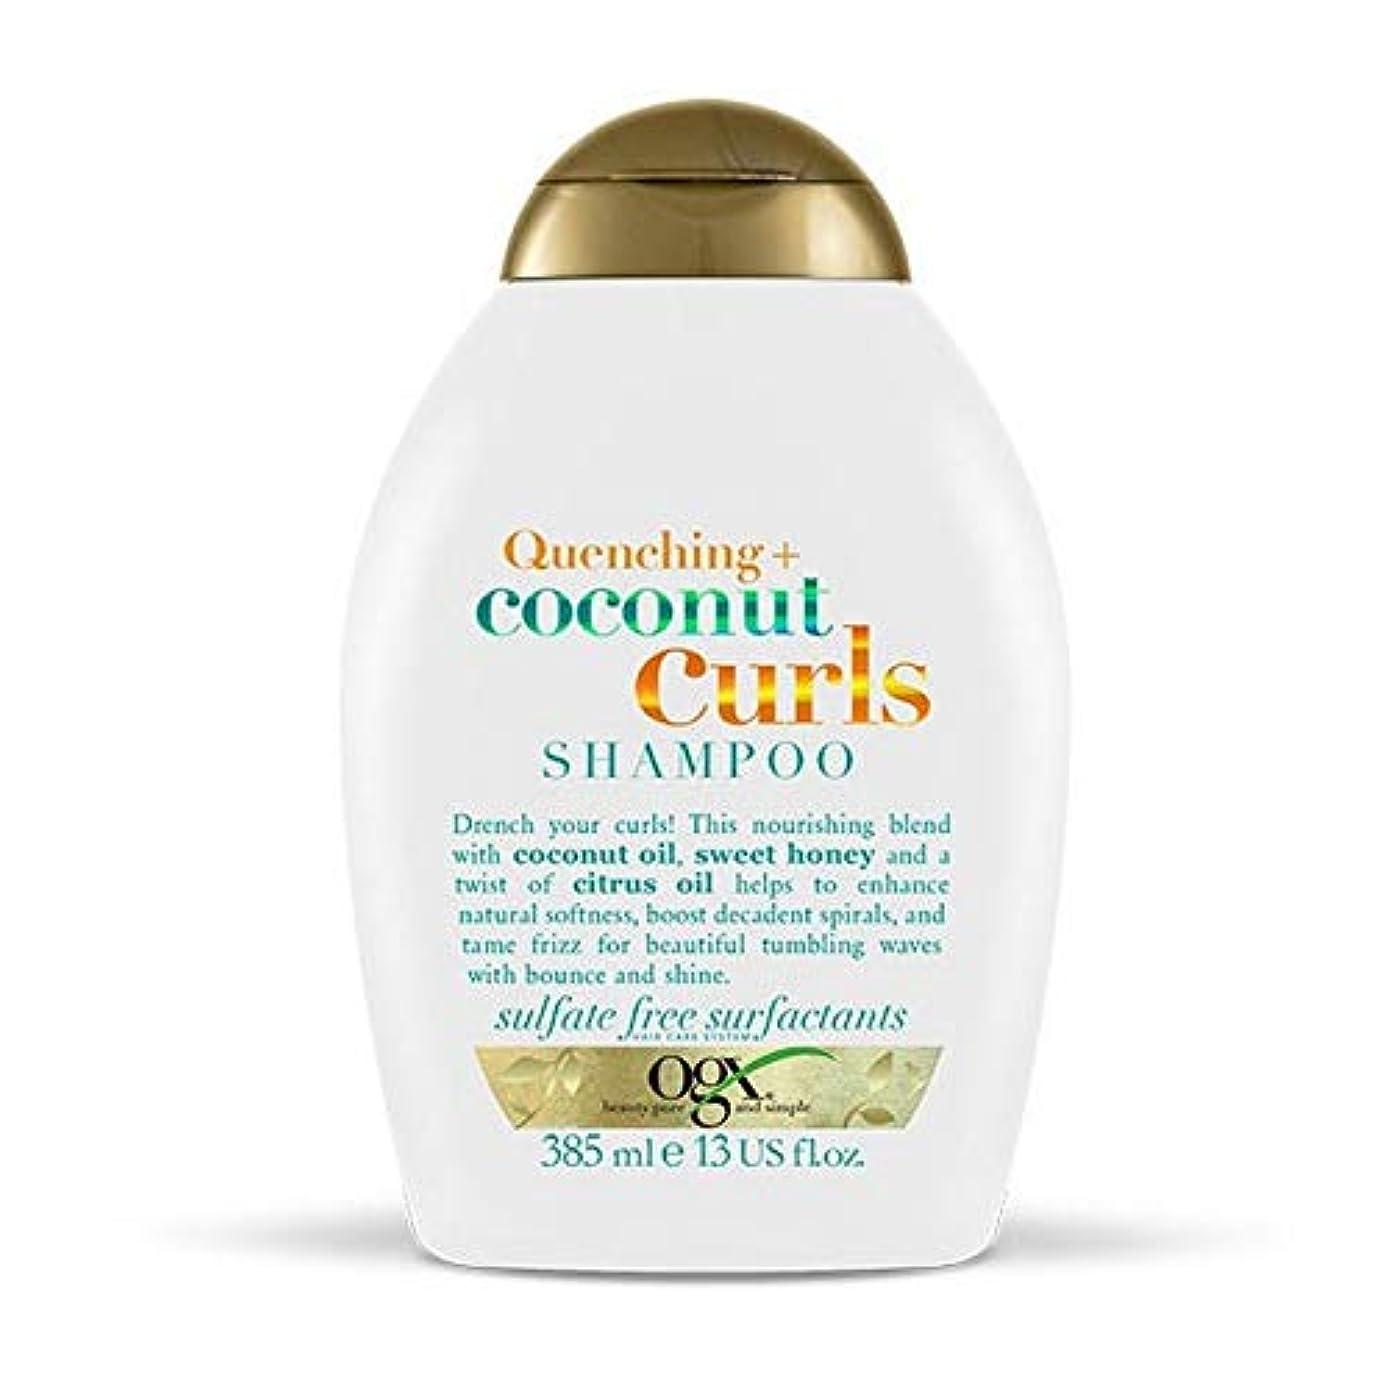 孤独ポインタ想像する[Ogx] Ogx消光ココナッツカールシャンプー385ミリリットル - OGX Quenching Coconut Curls Shampoo 385ml [並行輸入品]